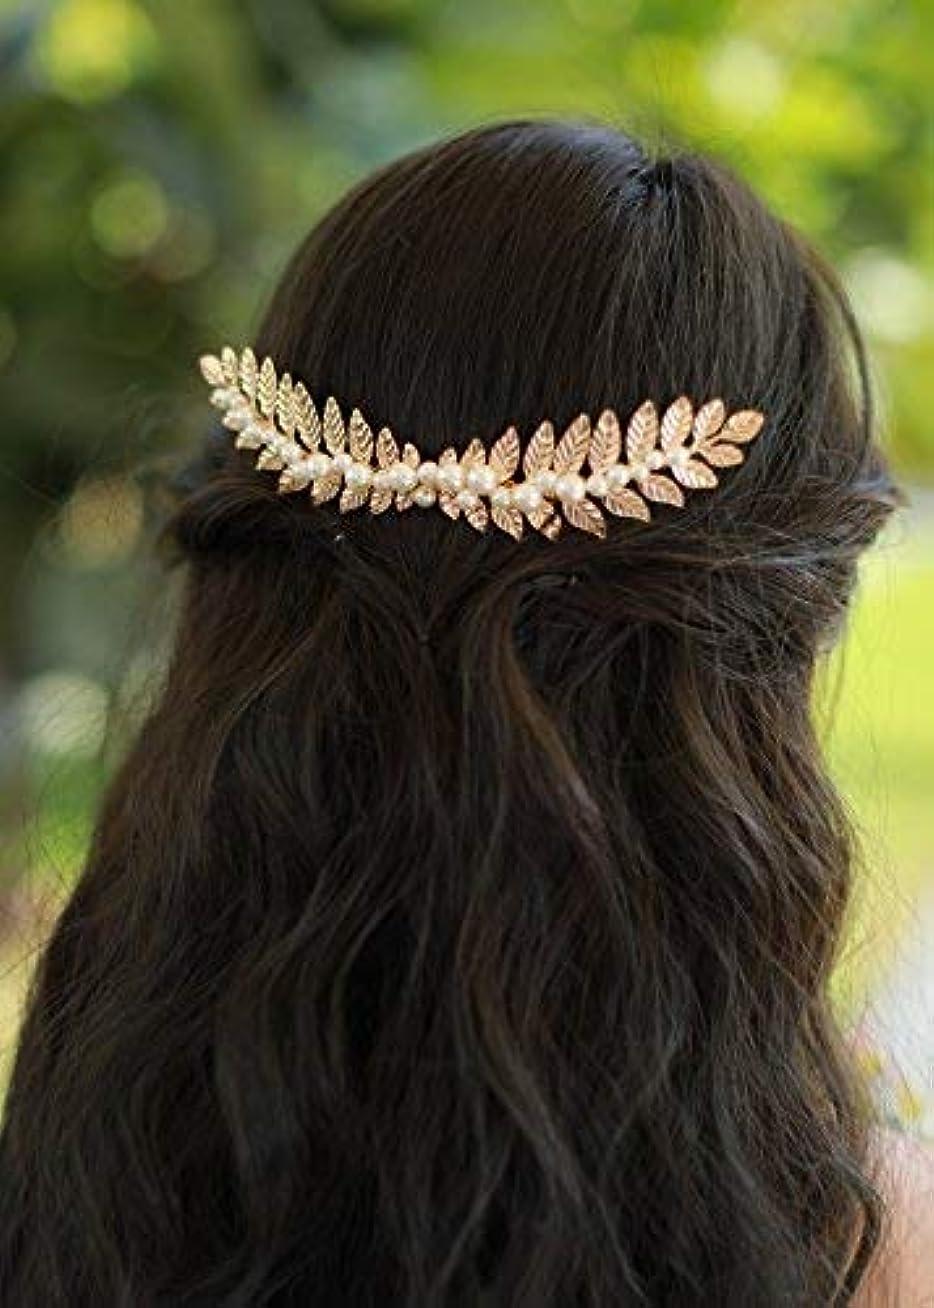 クリーナーご意見似ているMissgrace Gold Leaf Hair Comb Wedding Hair Accessories Bride Floral Hair Comb Head Pieces Hair Clips Pins Jewelry...